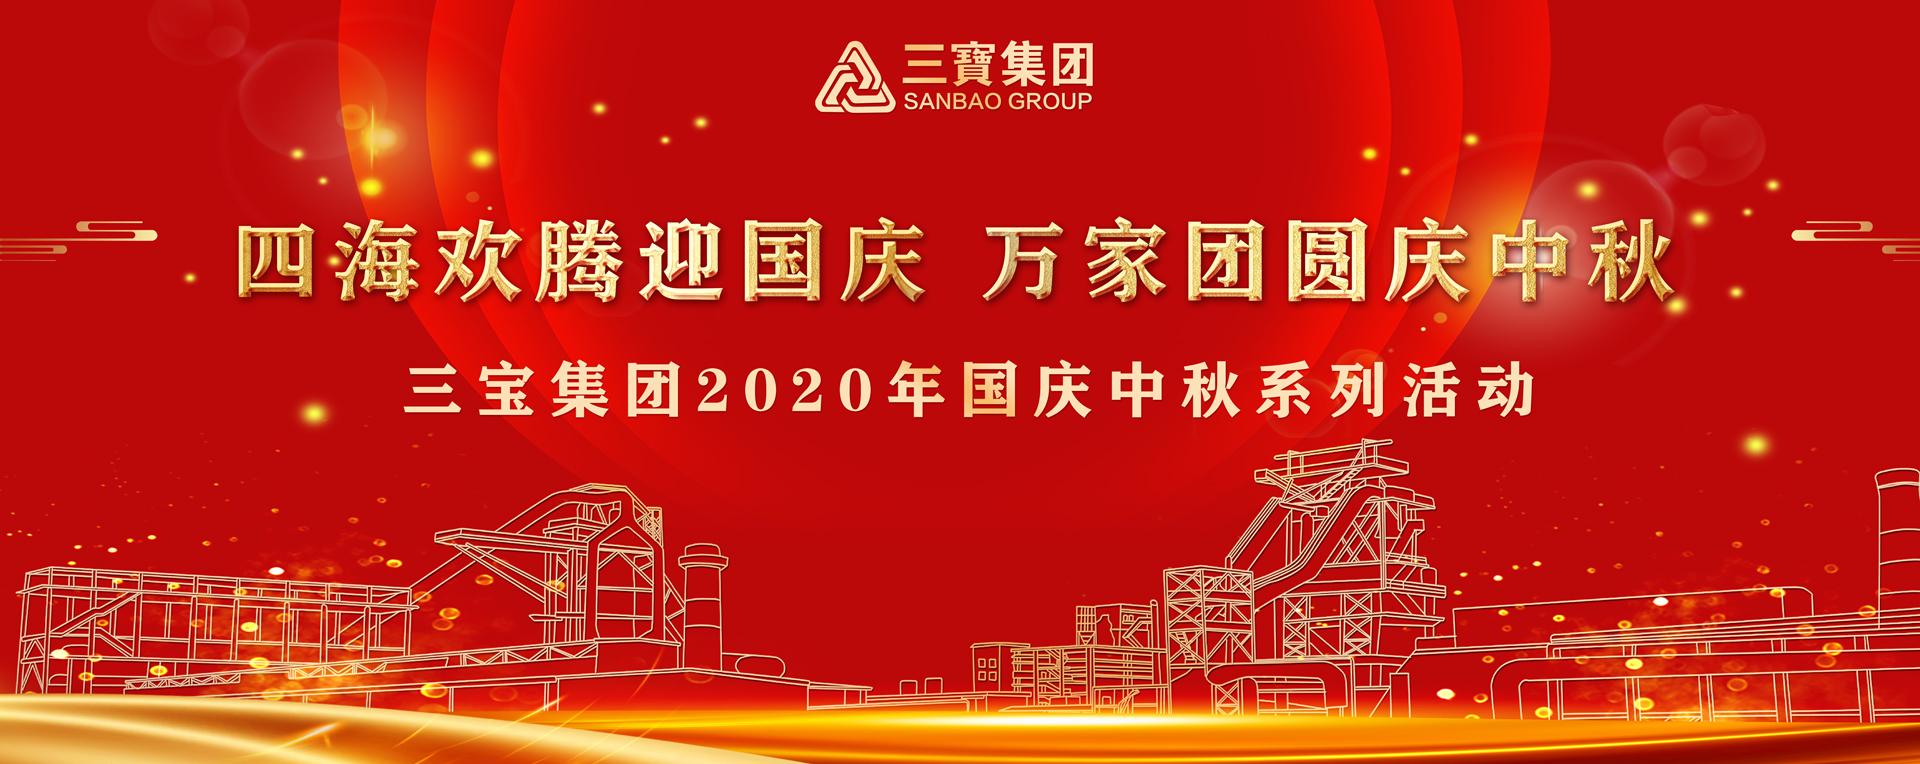 必威app精装版集团国庆中秋系列活动隆重举行